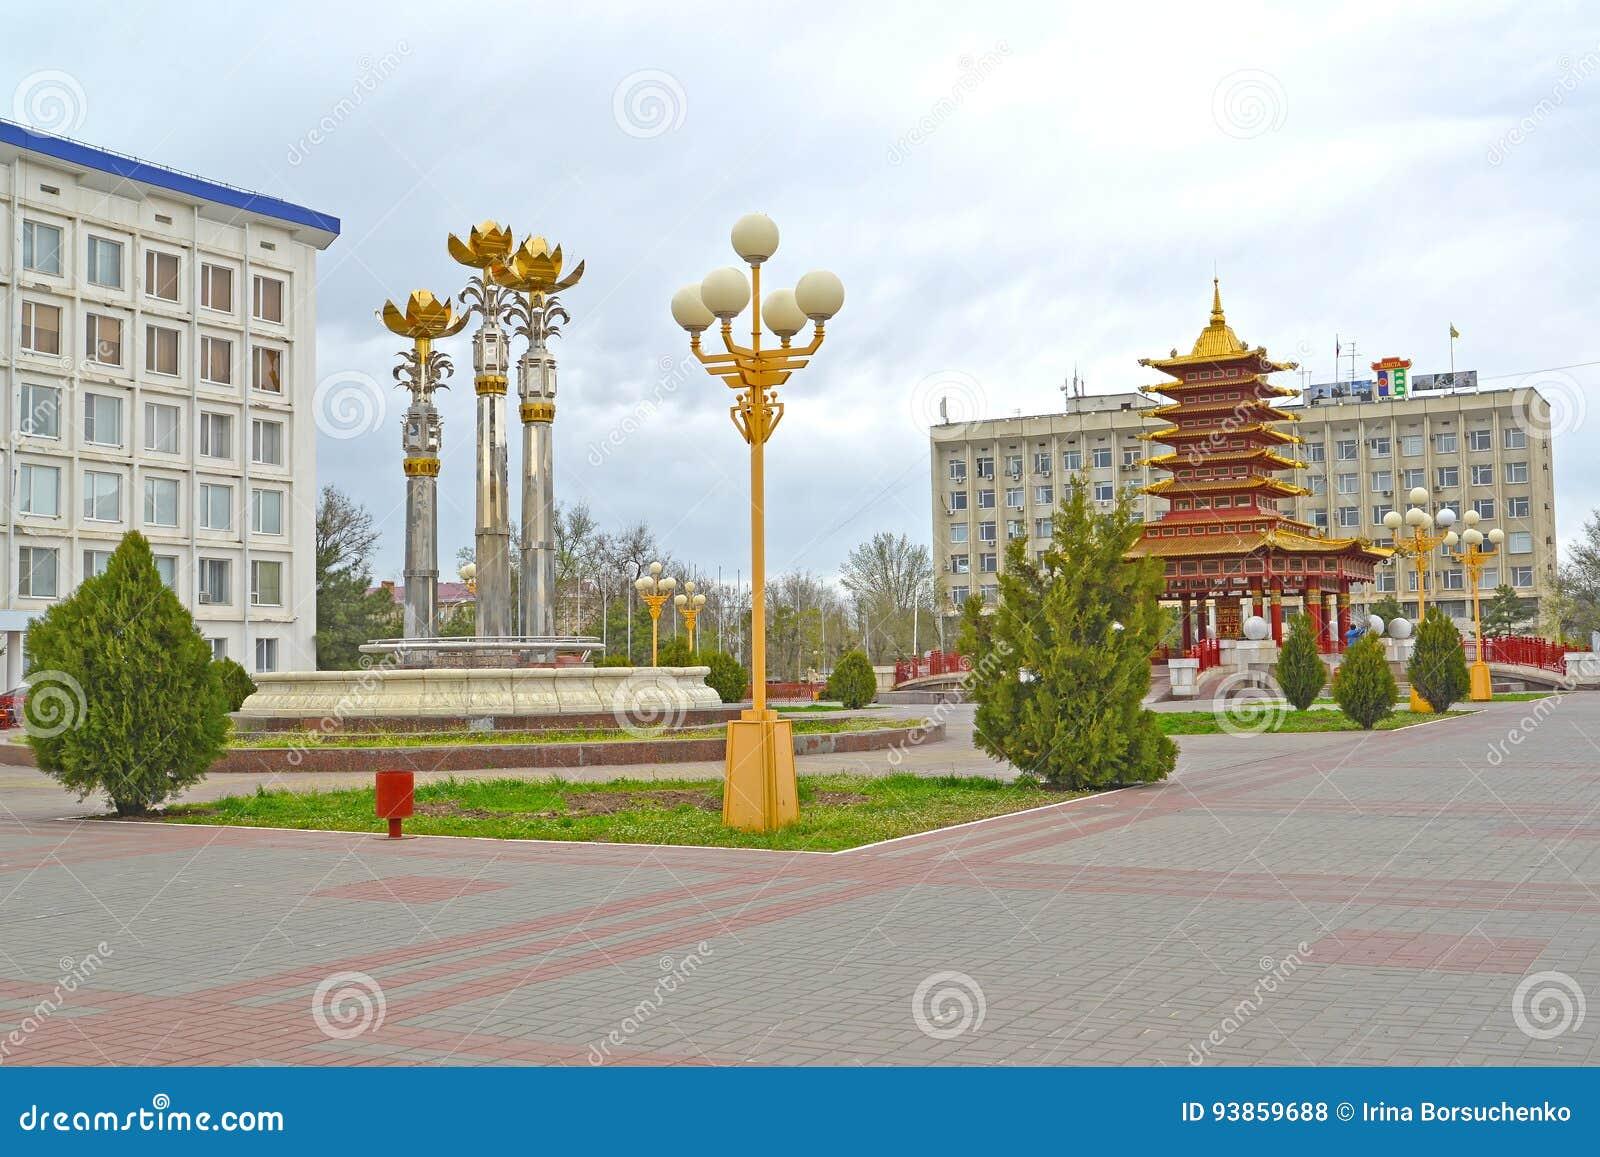 埃利斯塔,俄罗斯 莲喷泉和七天塔在列宁的摆正 卡尔梅克共和国